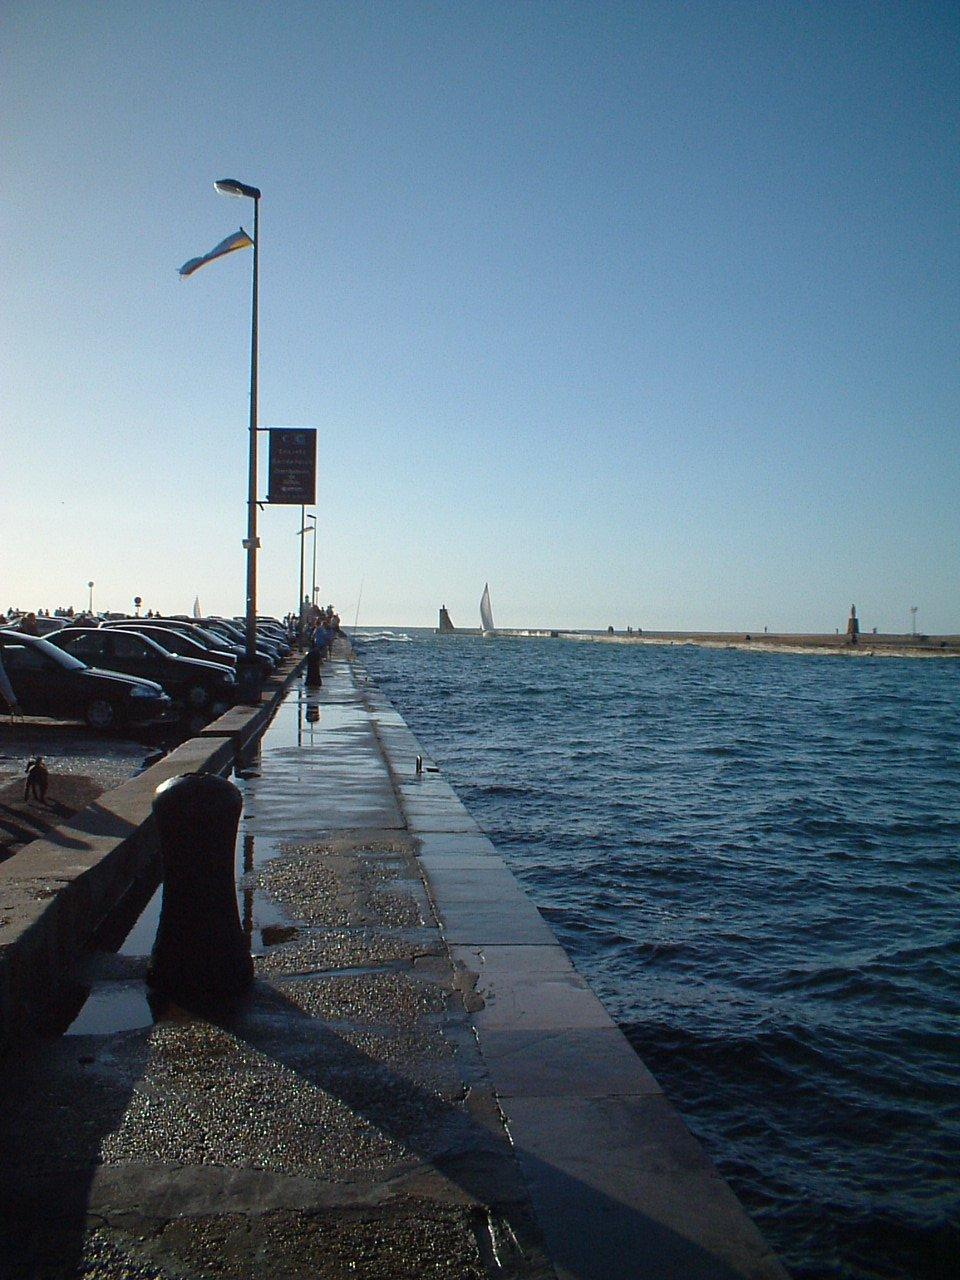 Capbreton port